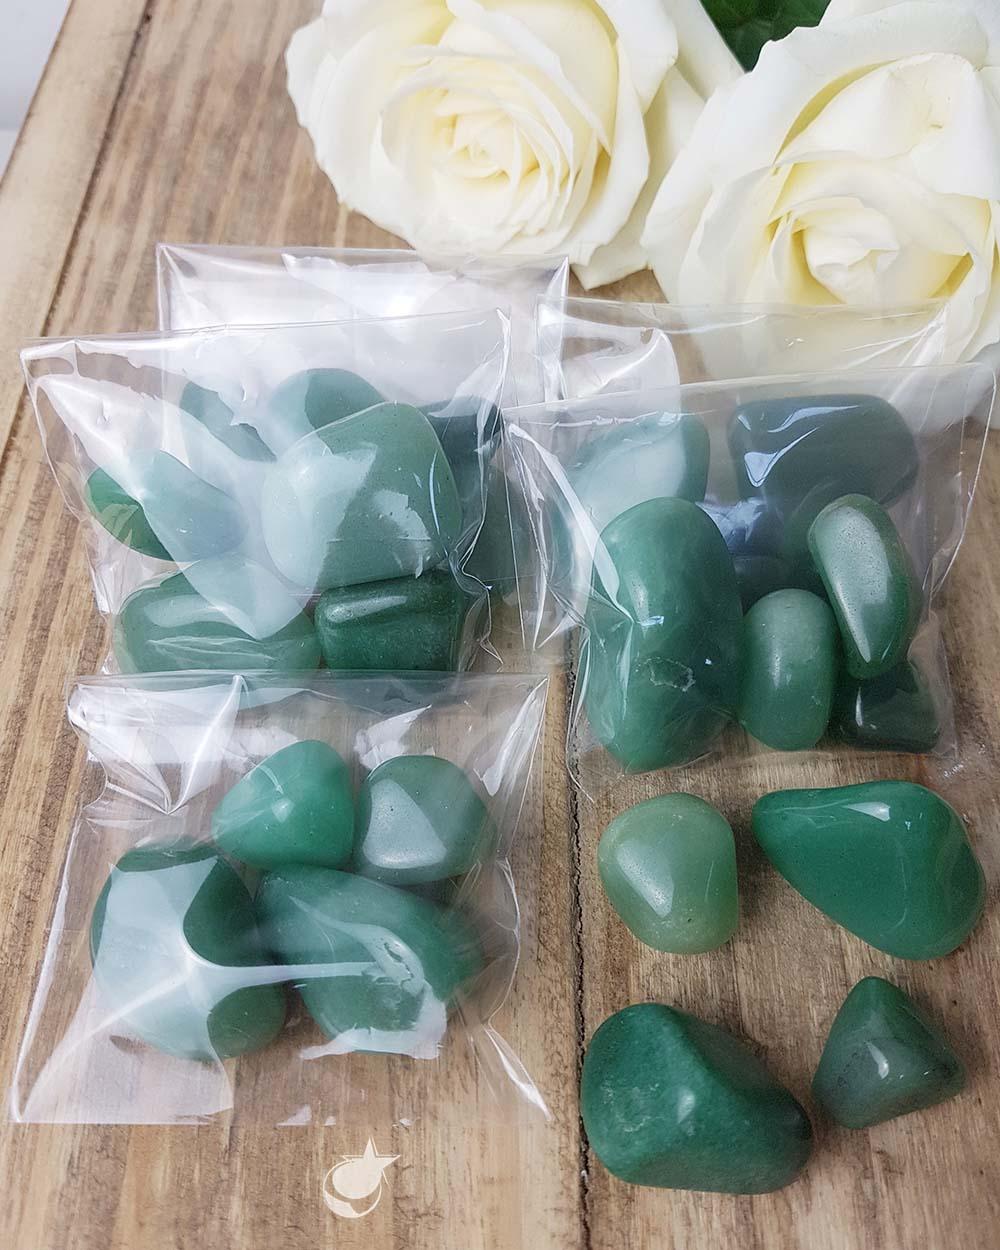 QUARTZO VERDE ROLADO - PACOTE COM 50g (4 a 5 pedras)